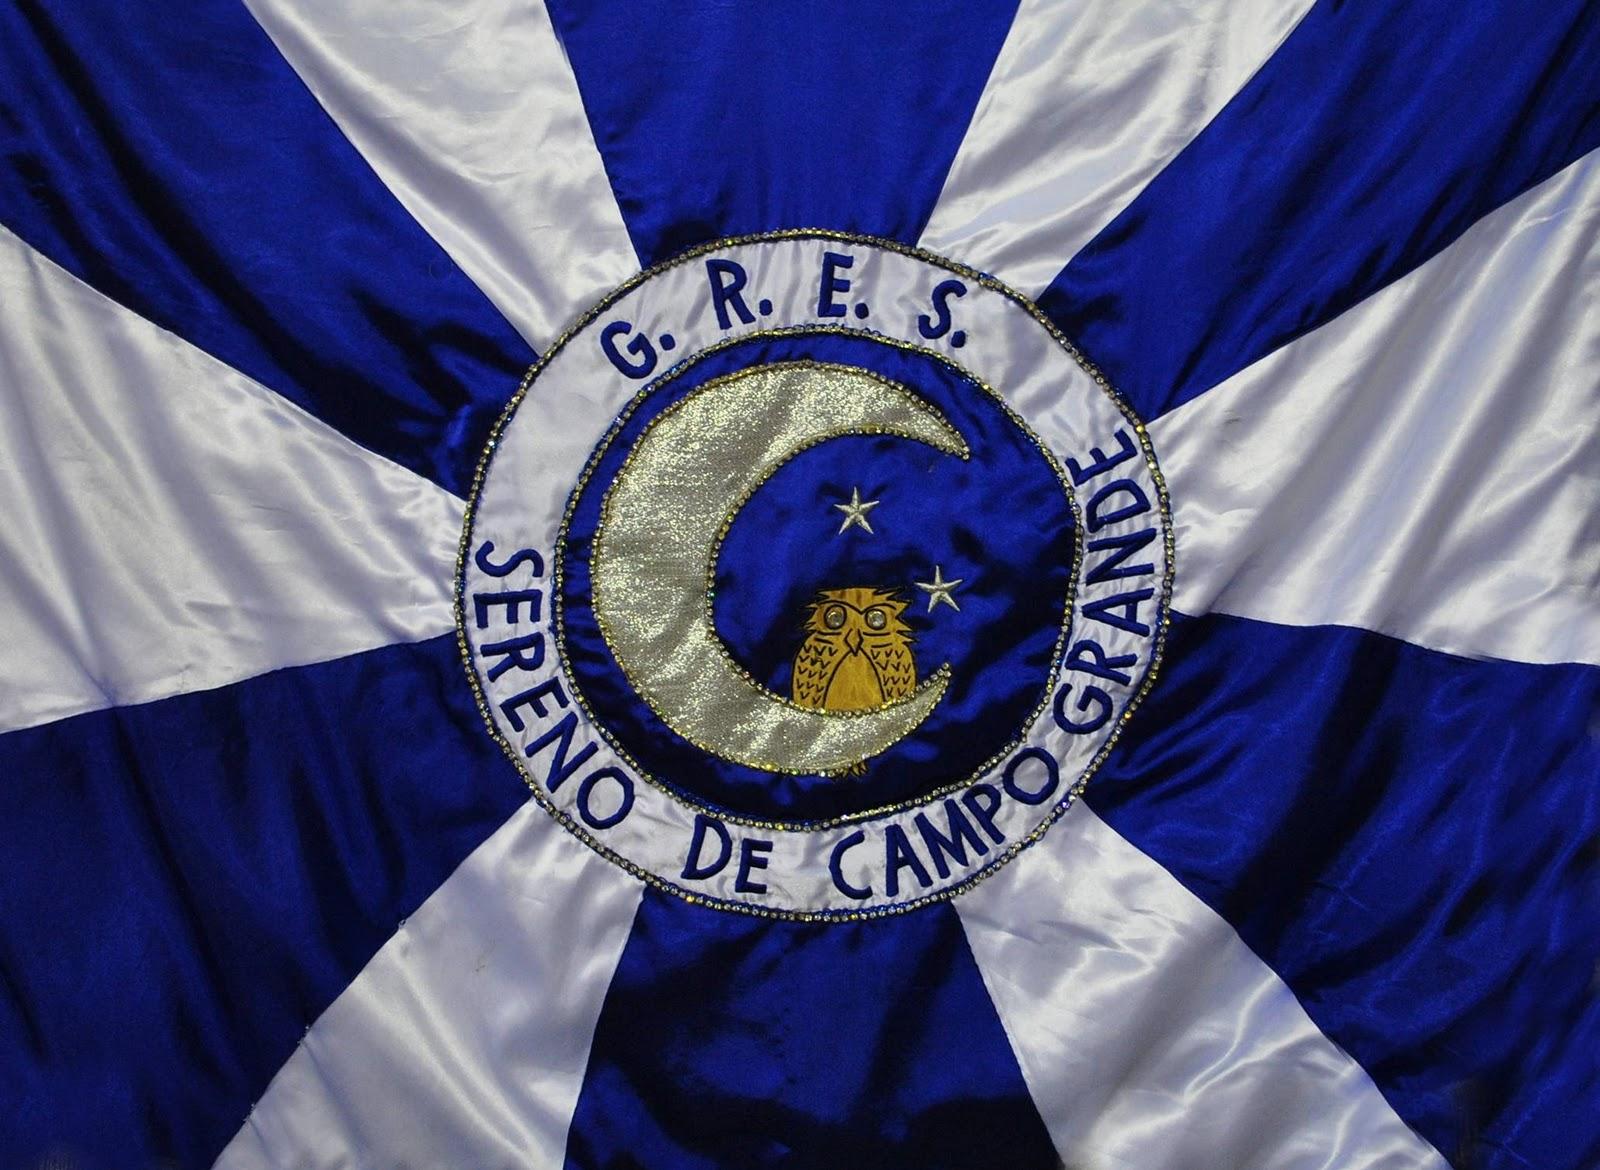 Sereno de Campo Grande fará Grito de Carnaval